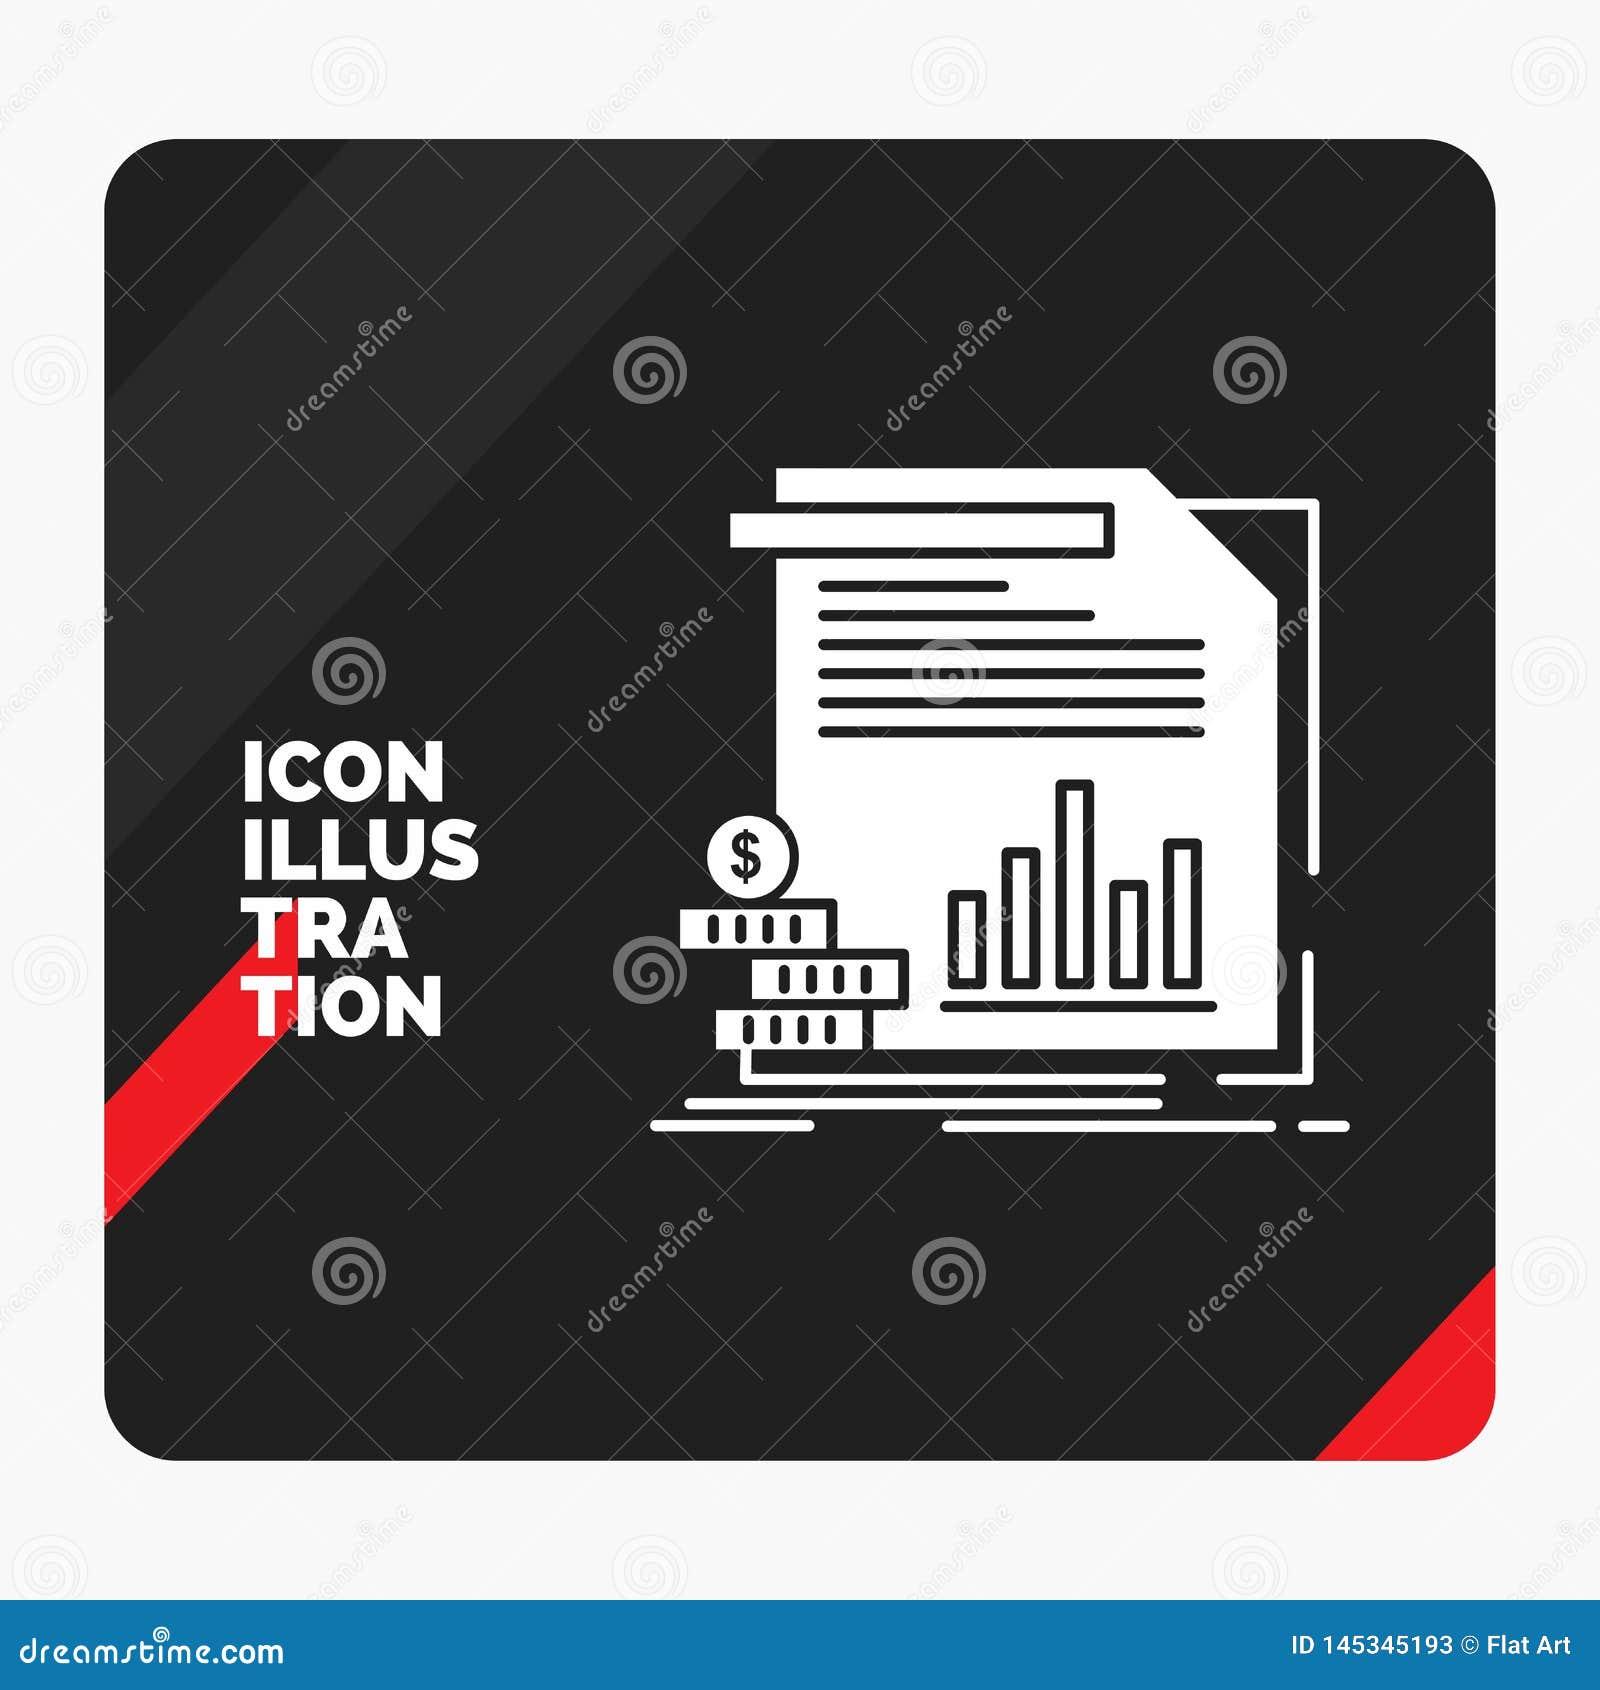 Röd och svart idérik presentationsbakgrund för ekonomi, finans, pengar, information, rapportskårasymbol